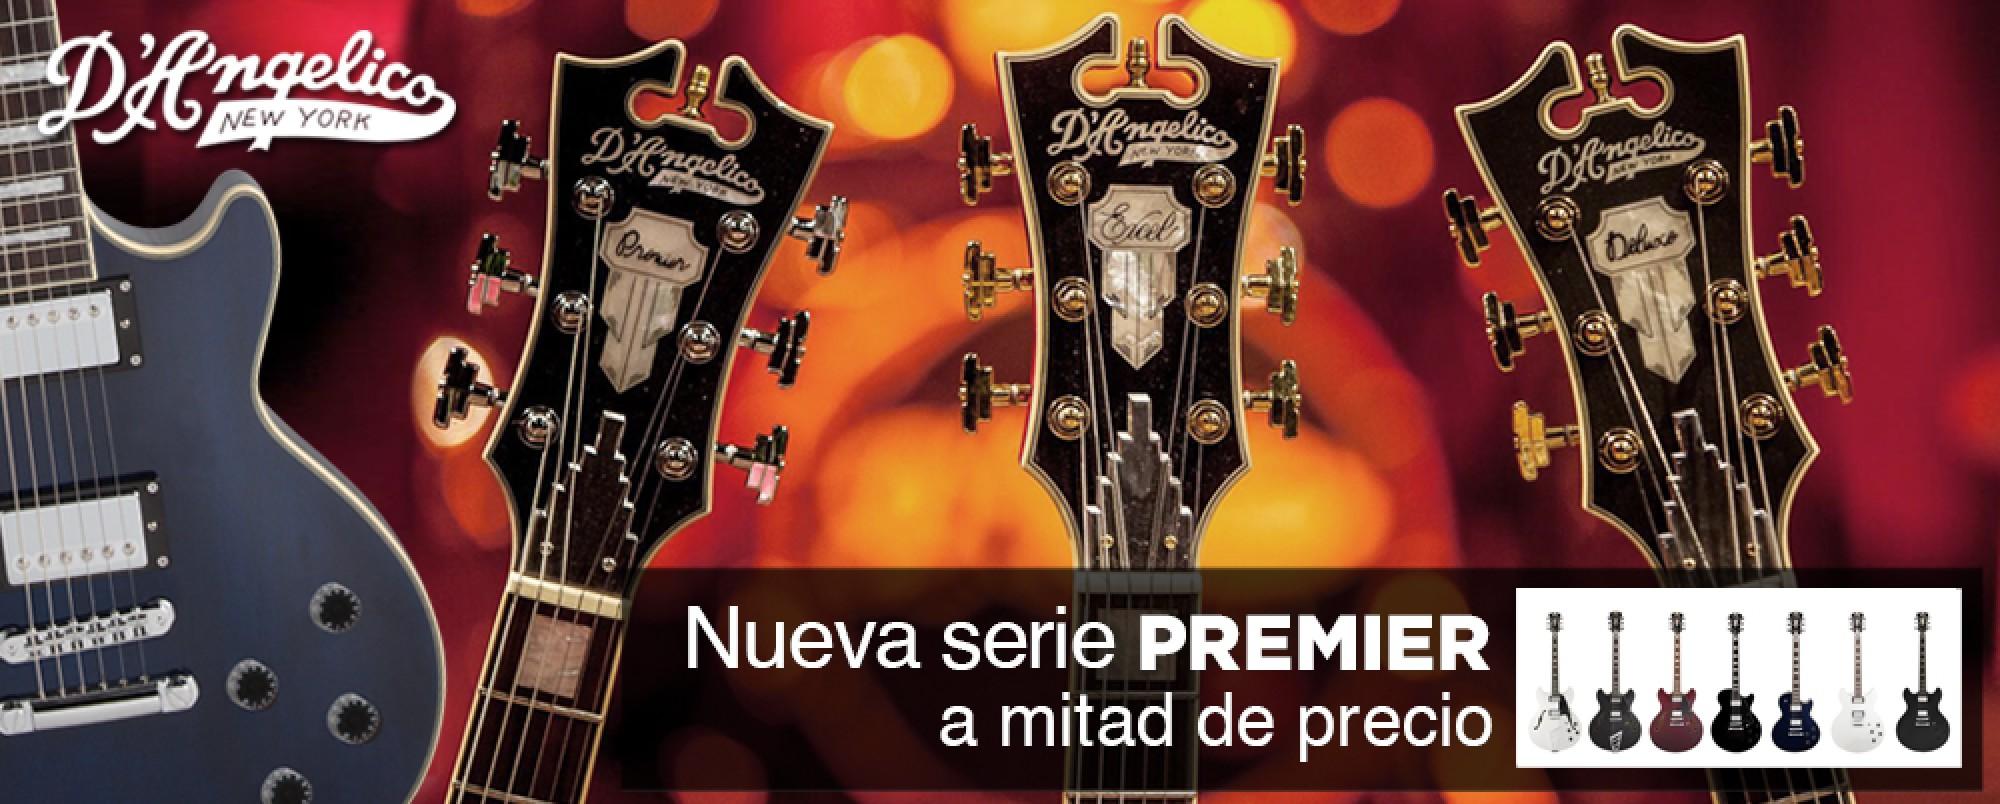 519-Nueva-serie-Premier-de-D`Angelico-a-mitad-de-precio.-g3tn7.jpg